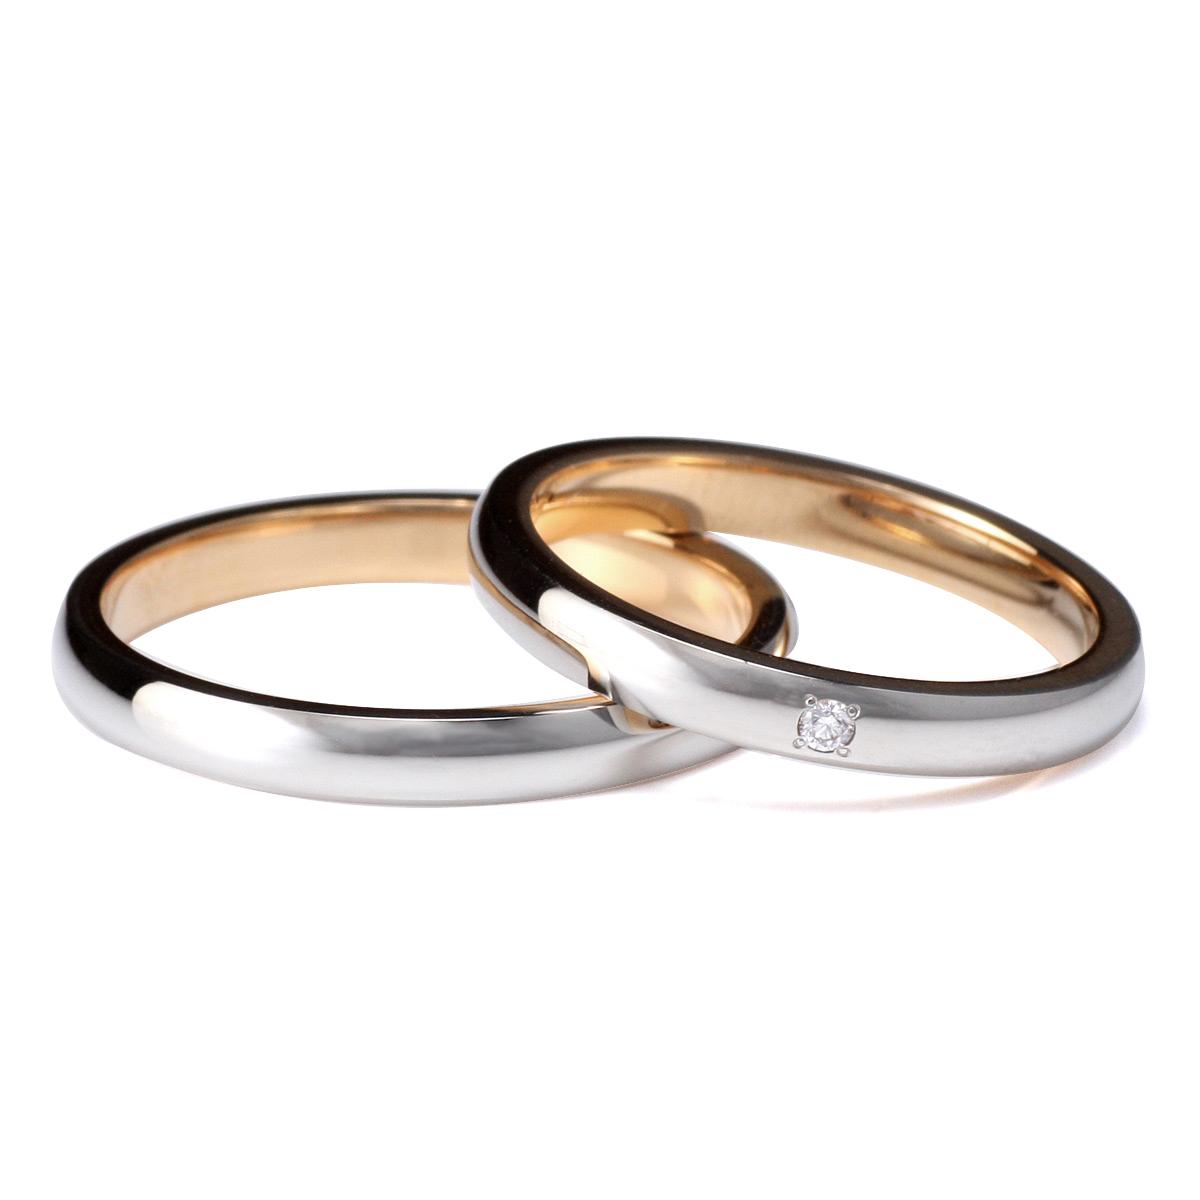 ラッピング無料 結婚指輪 マリッジリング ペアリング ダイヤモンド